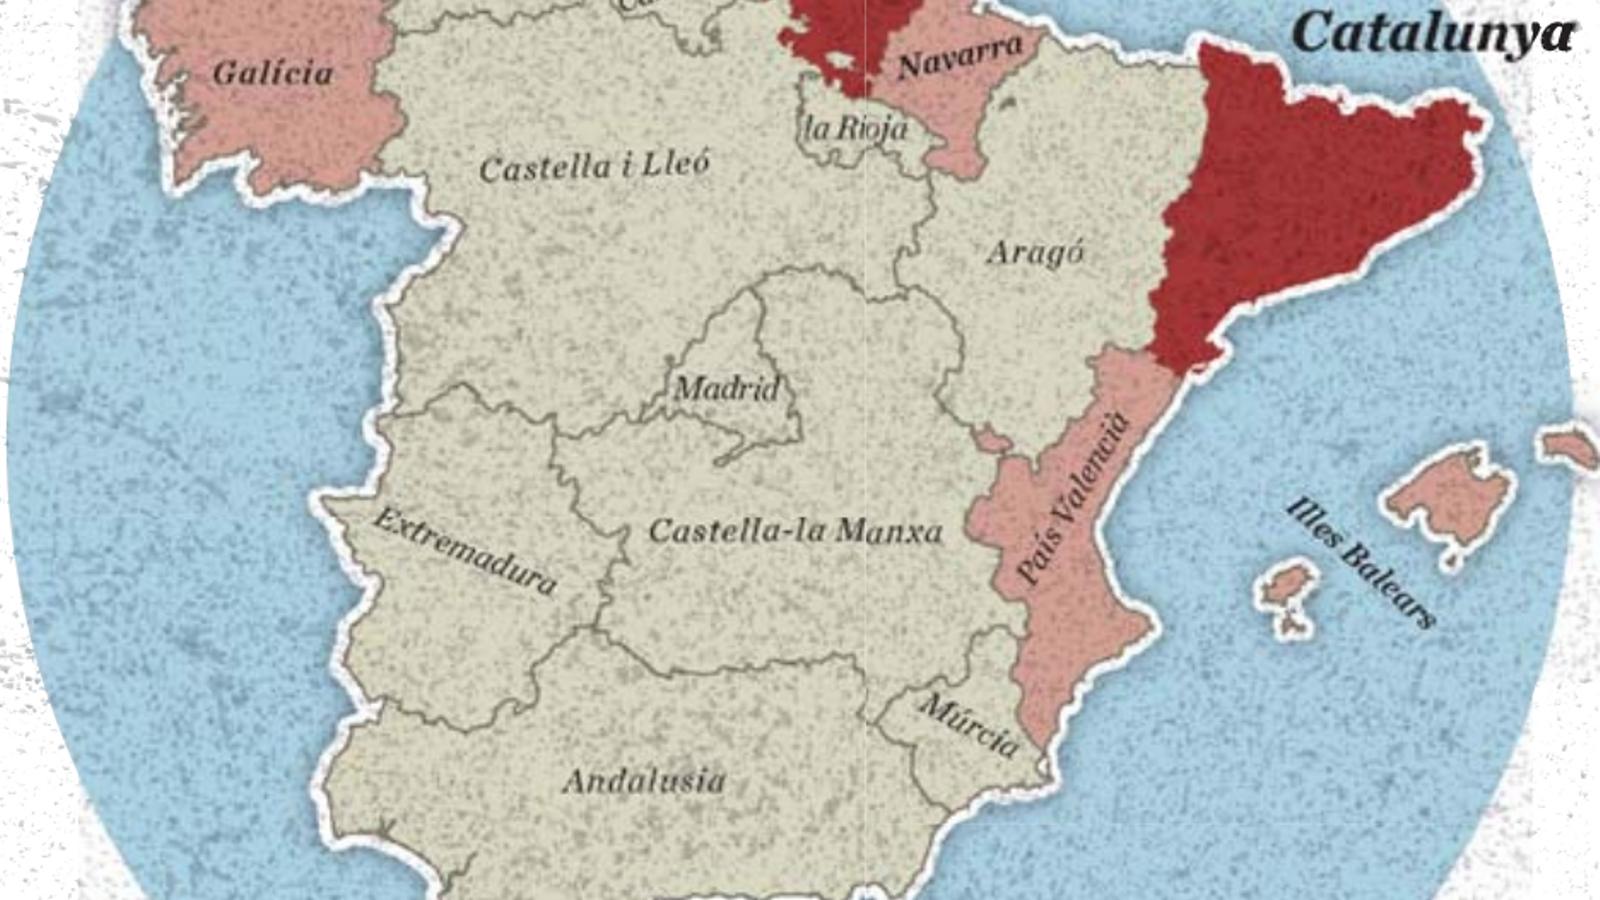 Mapa de les nacionalitats i regions d'Espanya